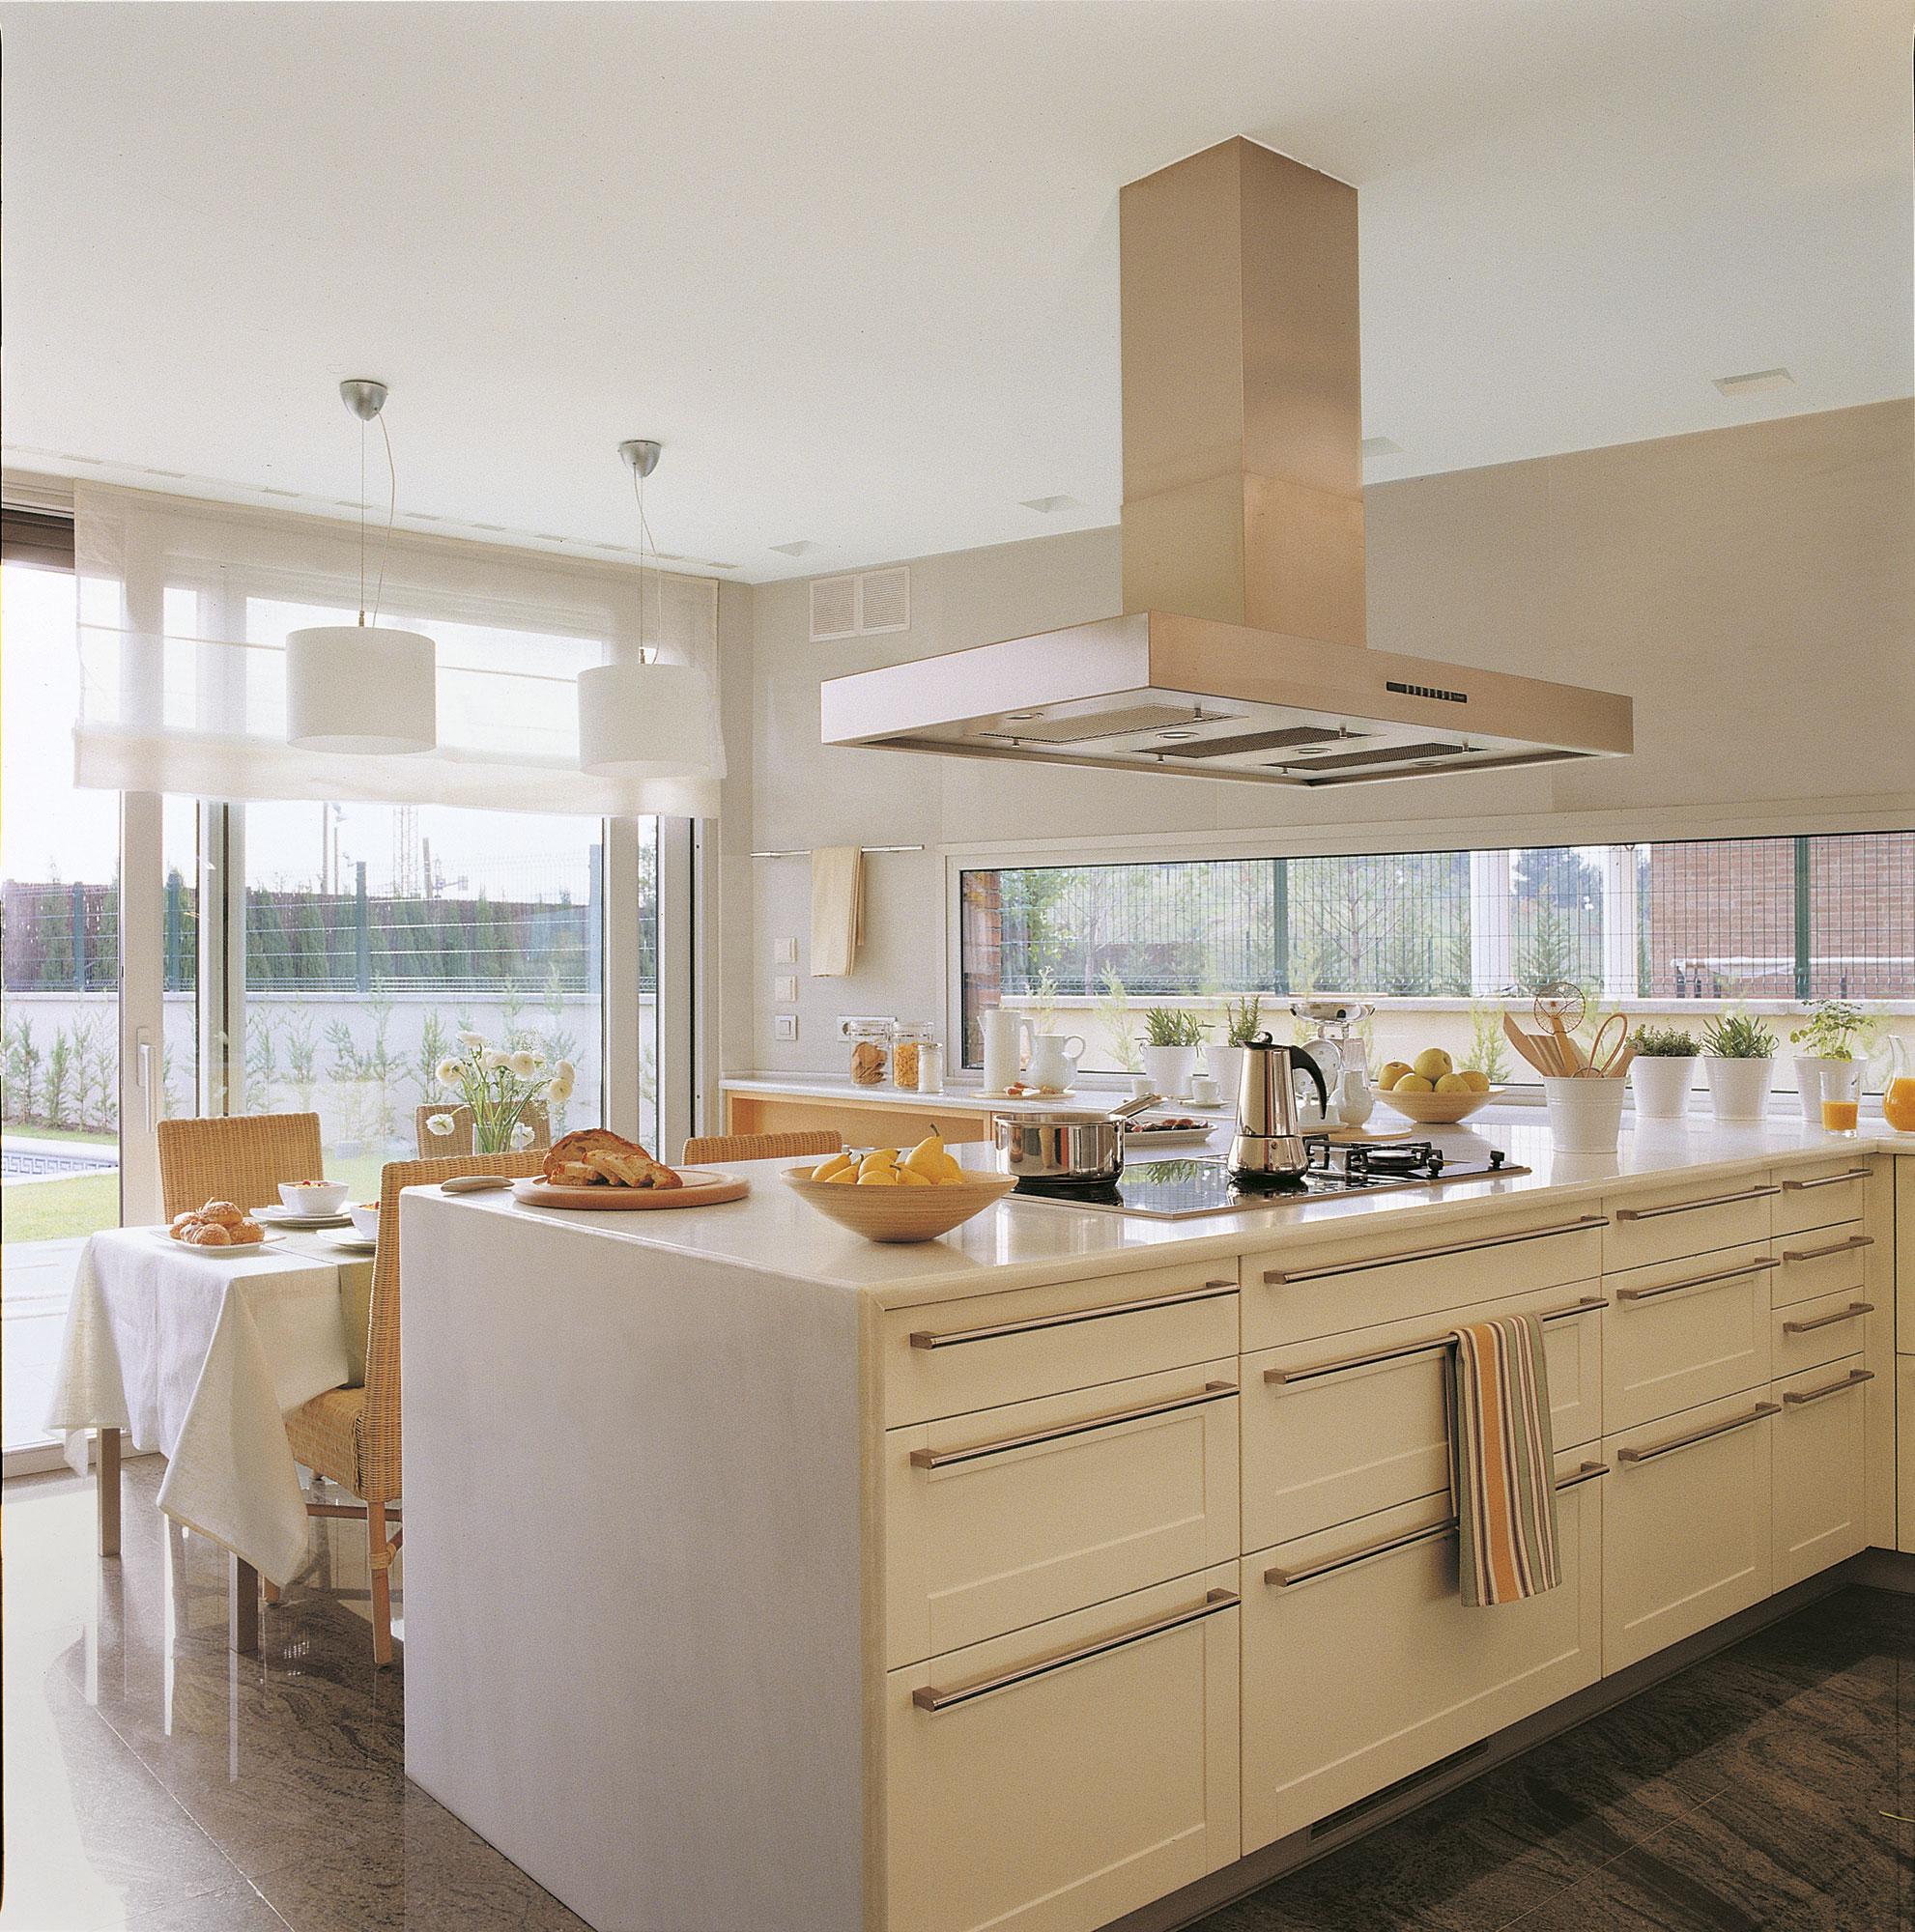 Cocinas blancas - Mueble encimera cocina ...